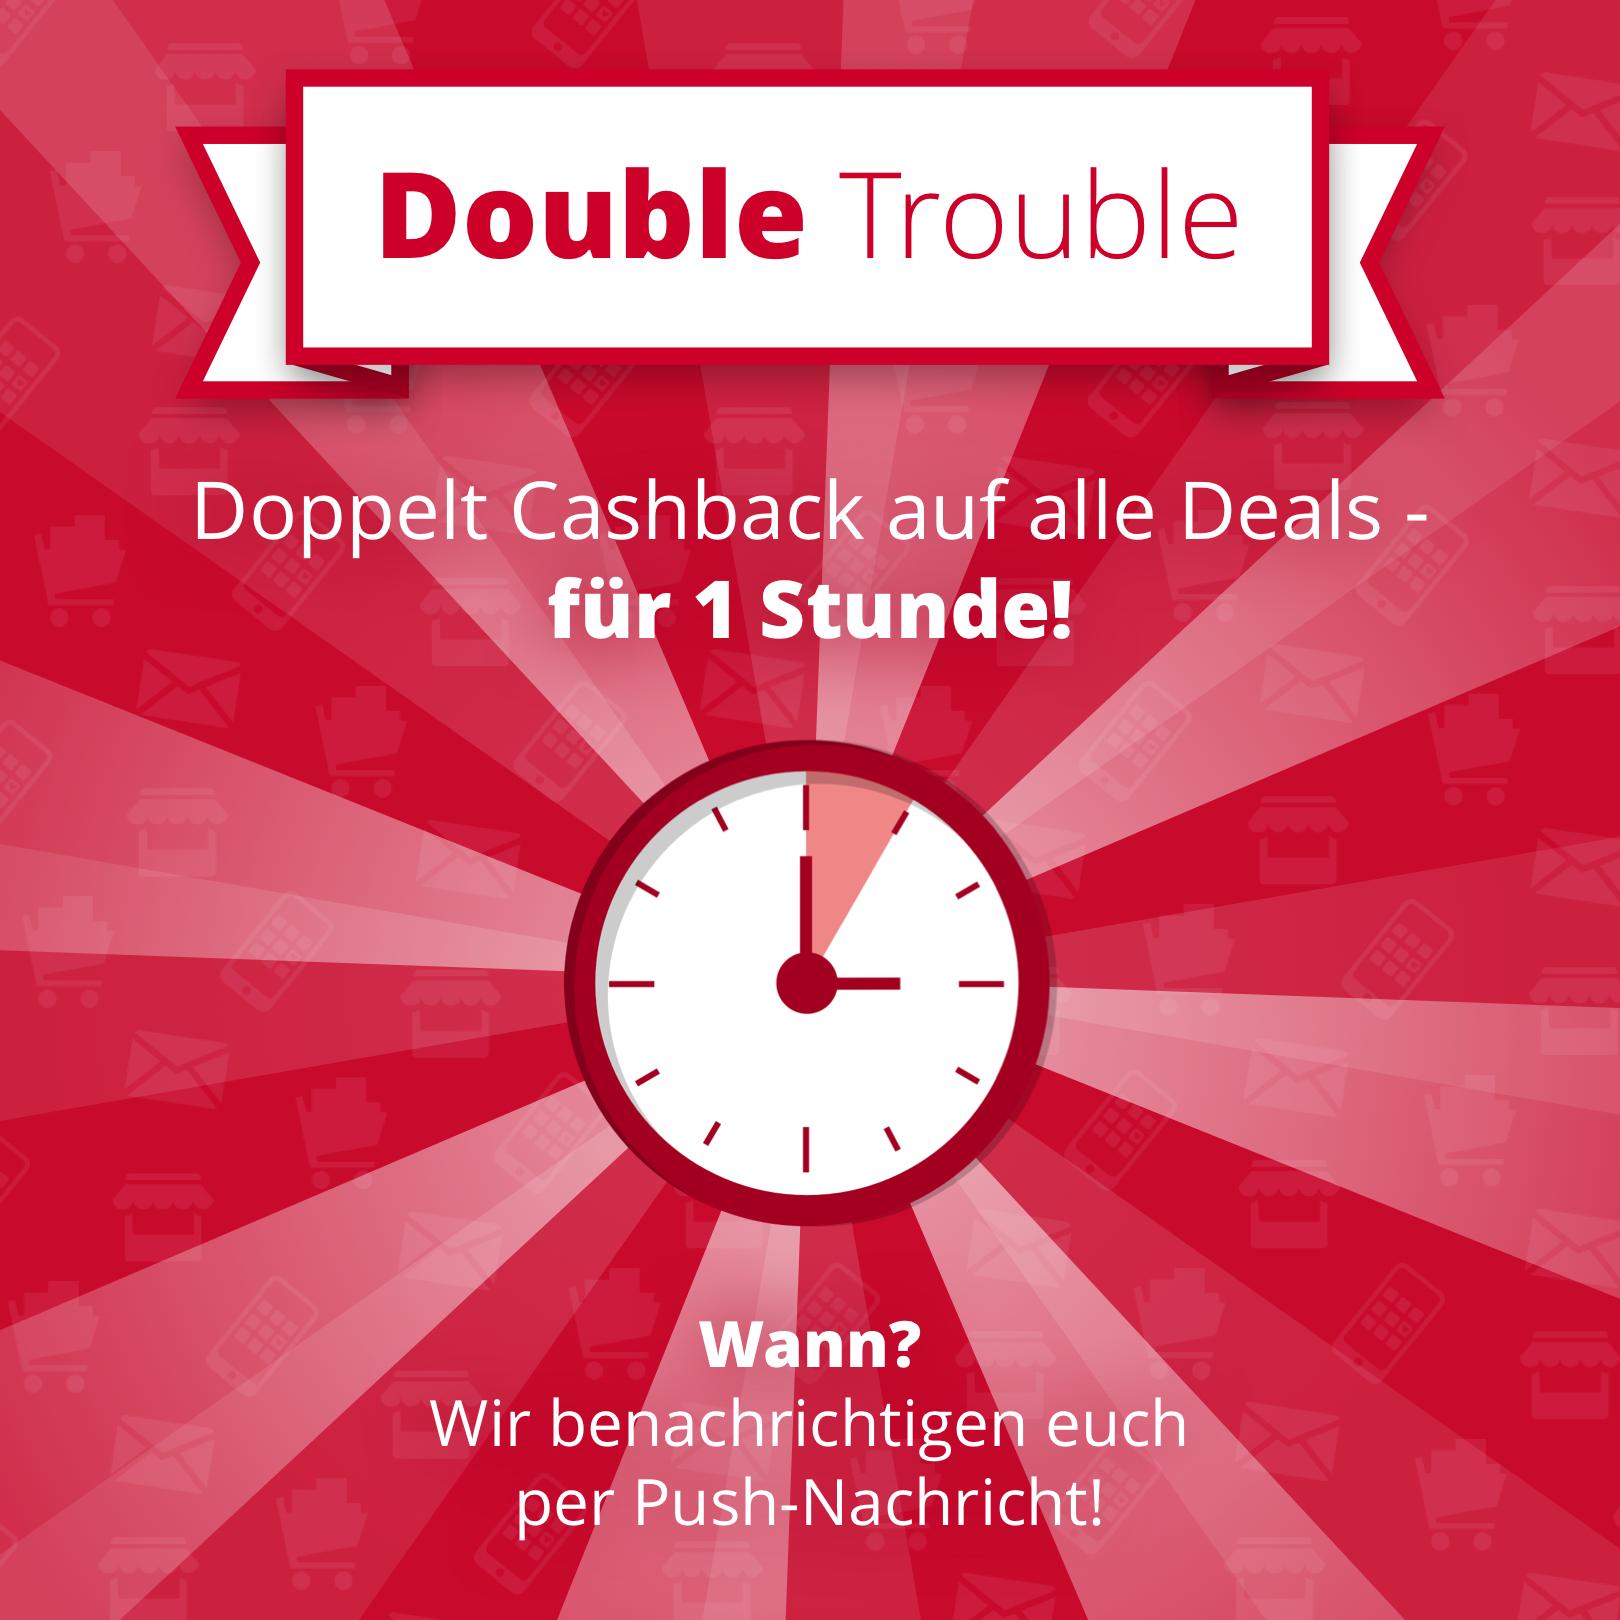 Vorankündigung: Scondoo Double Trouble - doppelt Cashback für eine Stunde (Start nächste Woche) - z.B. 40% Cashback auf Colgate Zahnbürsten, 2€ Cashback auf 3 Zott Sahne Puddings